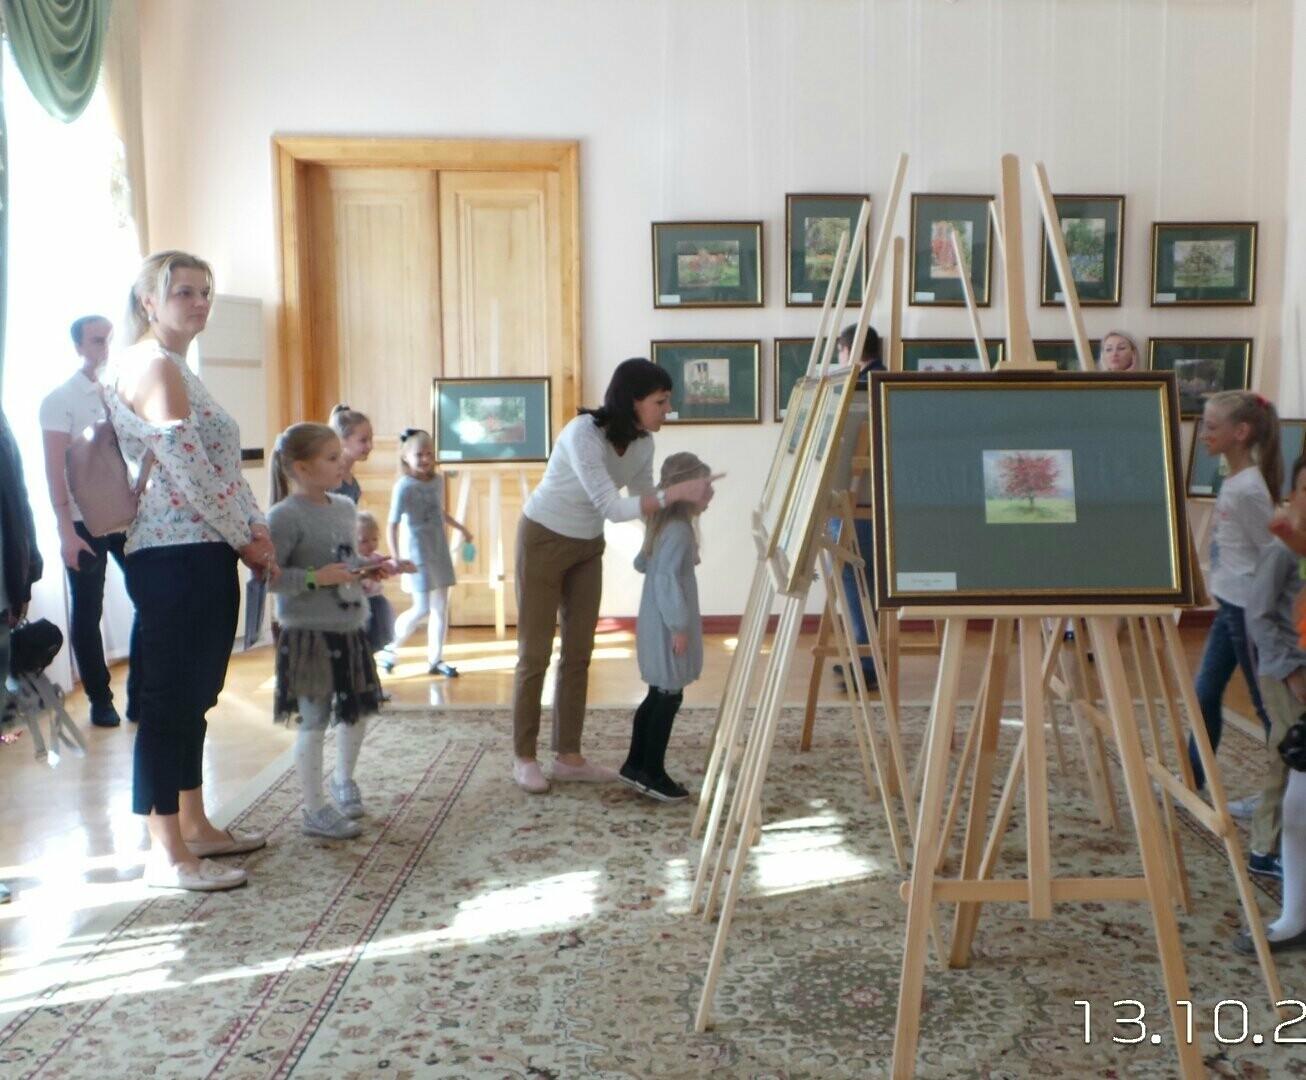 Воспитанников изостудии «Парадиз» посвятили в художники в стенах Ливадийского дворца-музея, фото-3